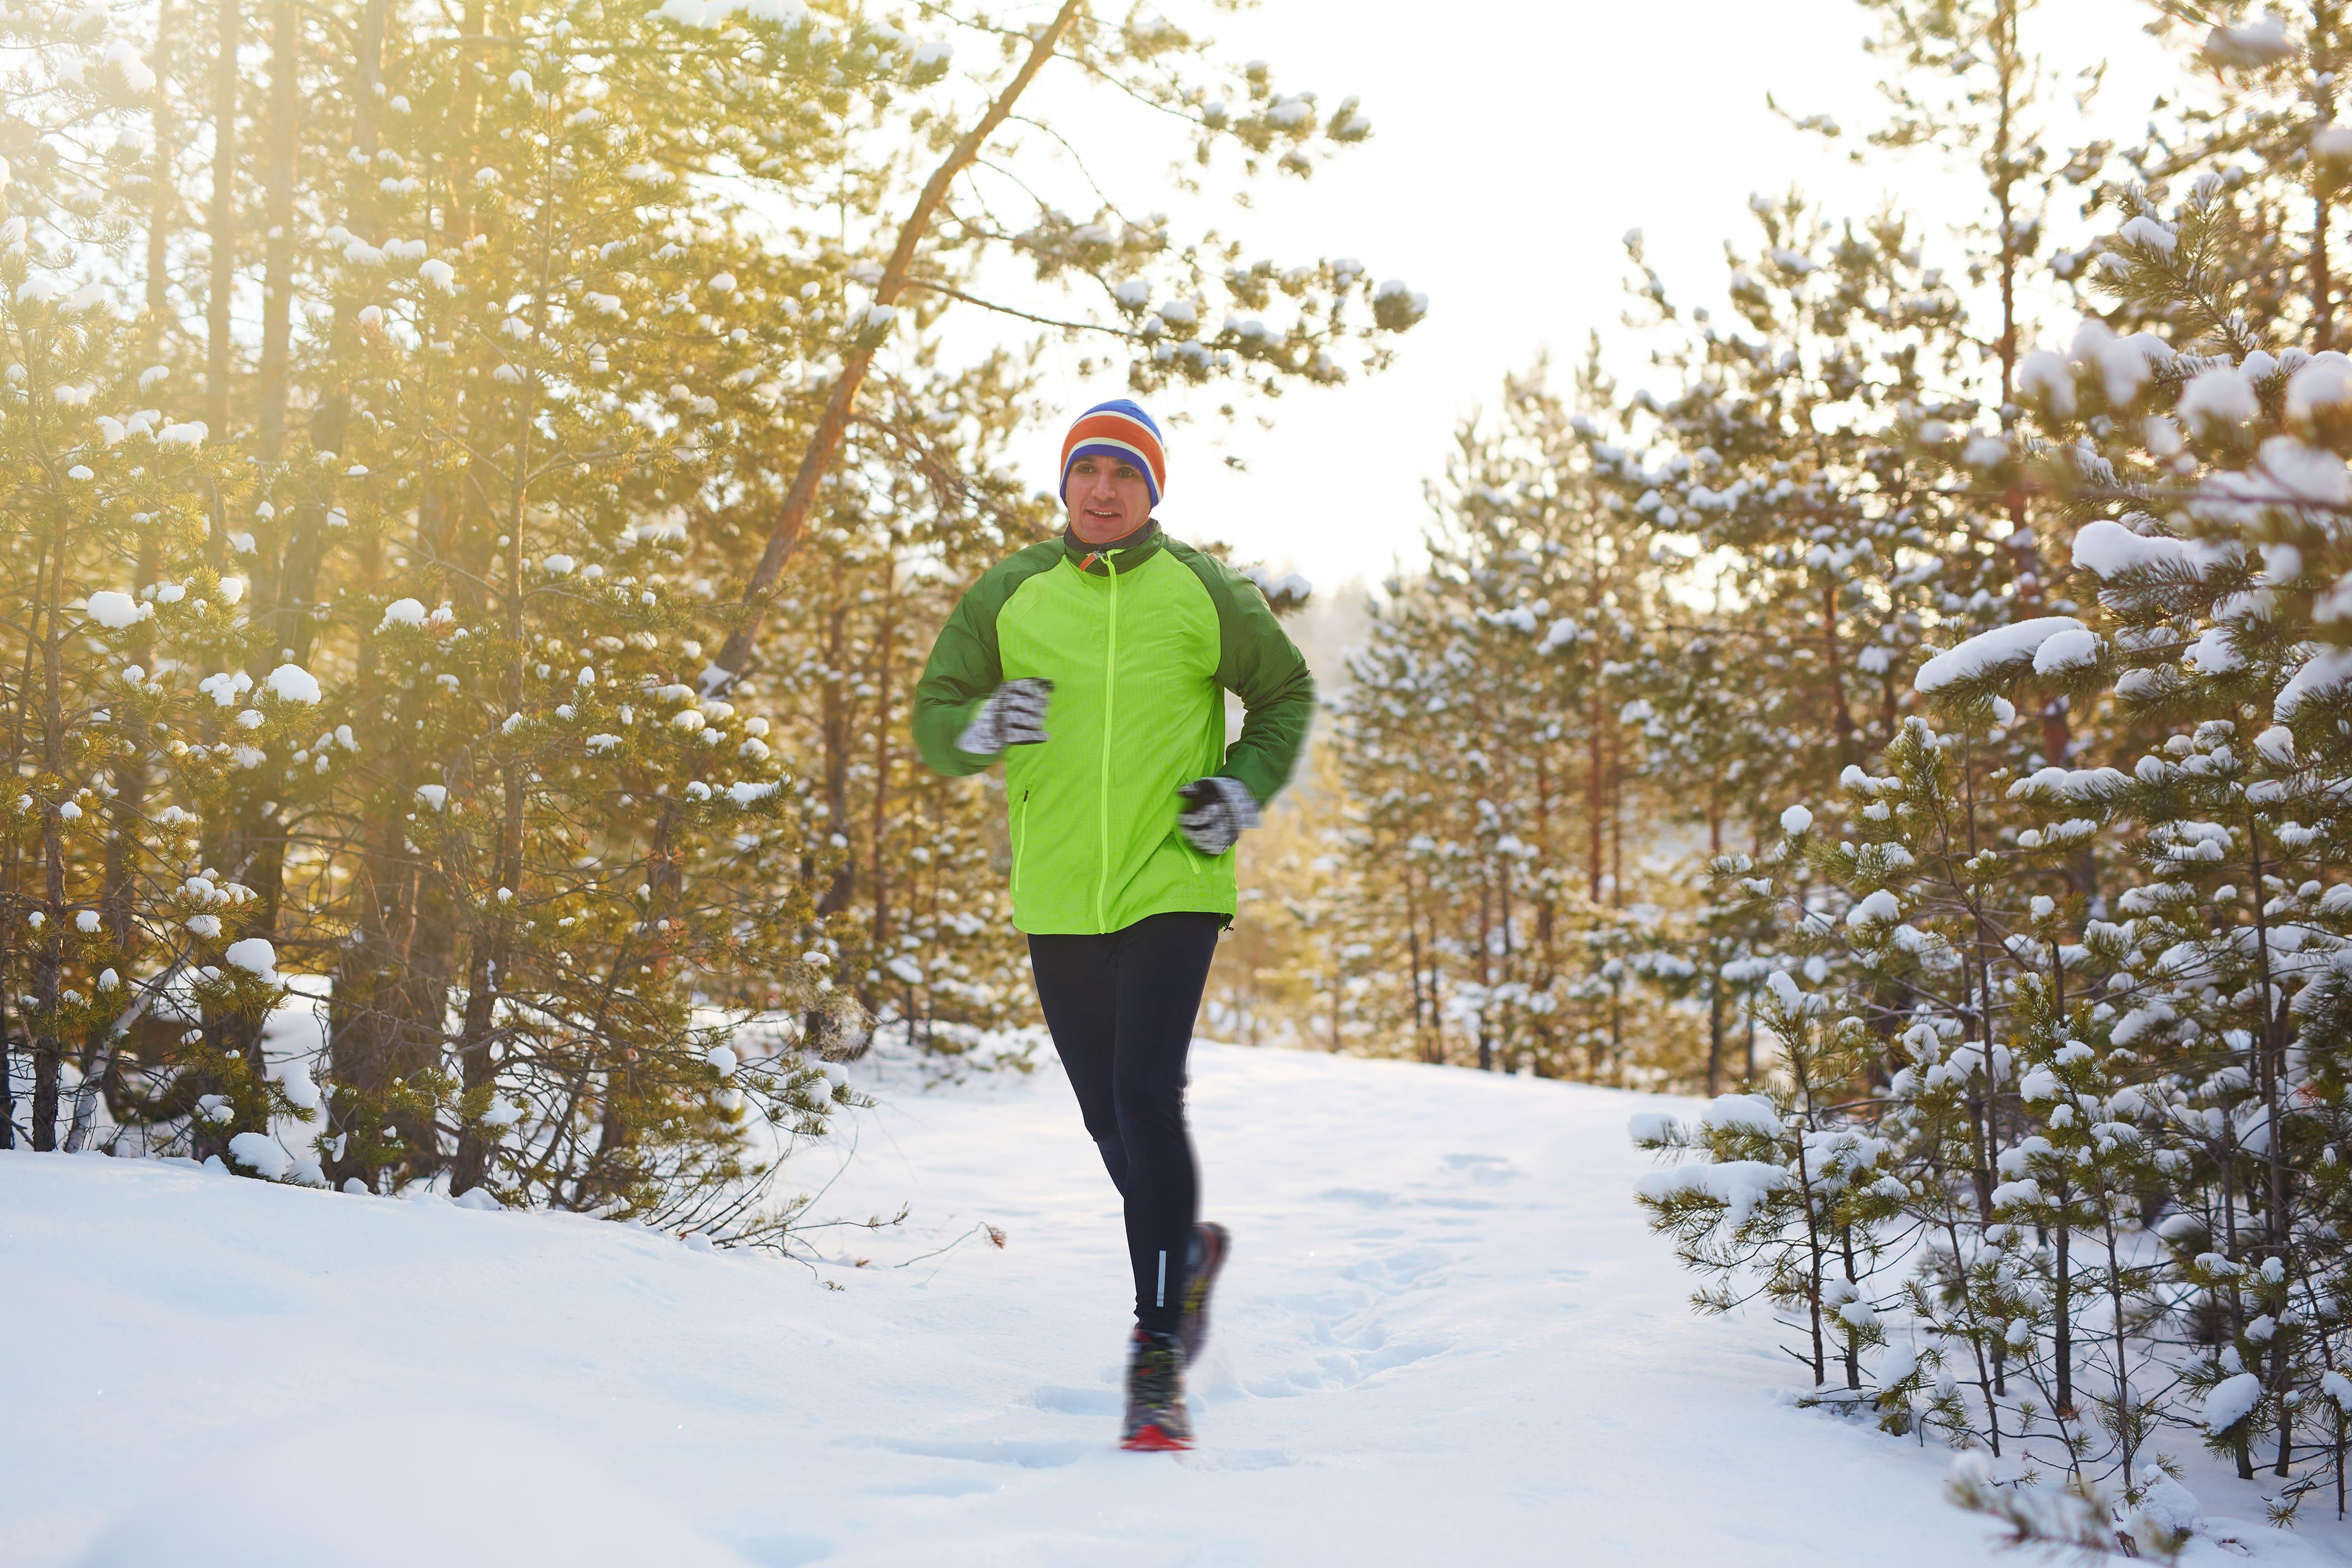 Die passende Kleidung zum Joggen ist besonders im Winter wichtig